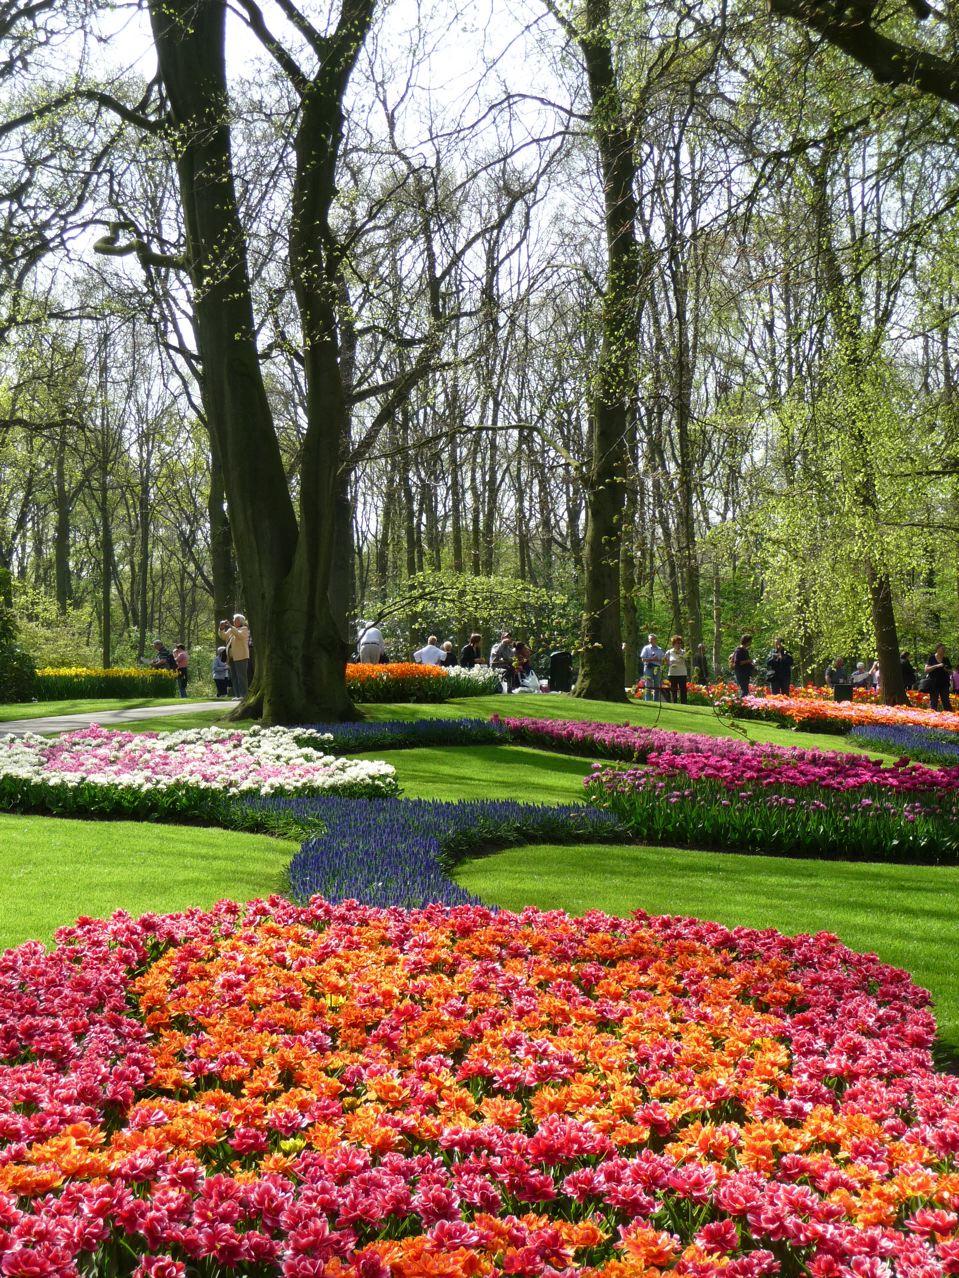 Les floraisons printanières de Keukenhof en Hollande